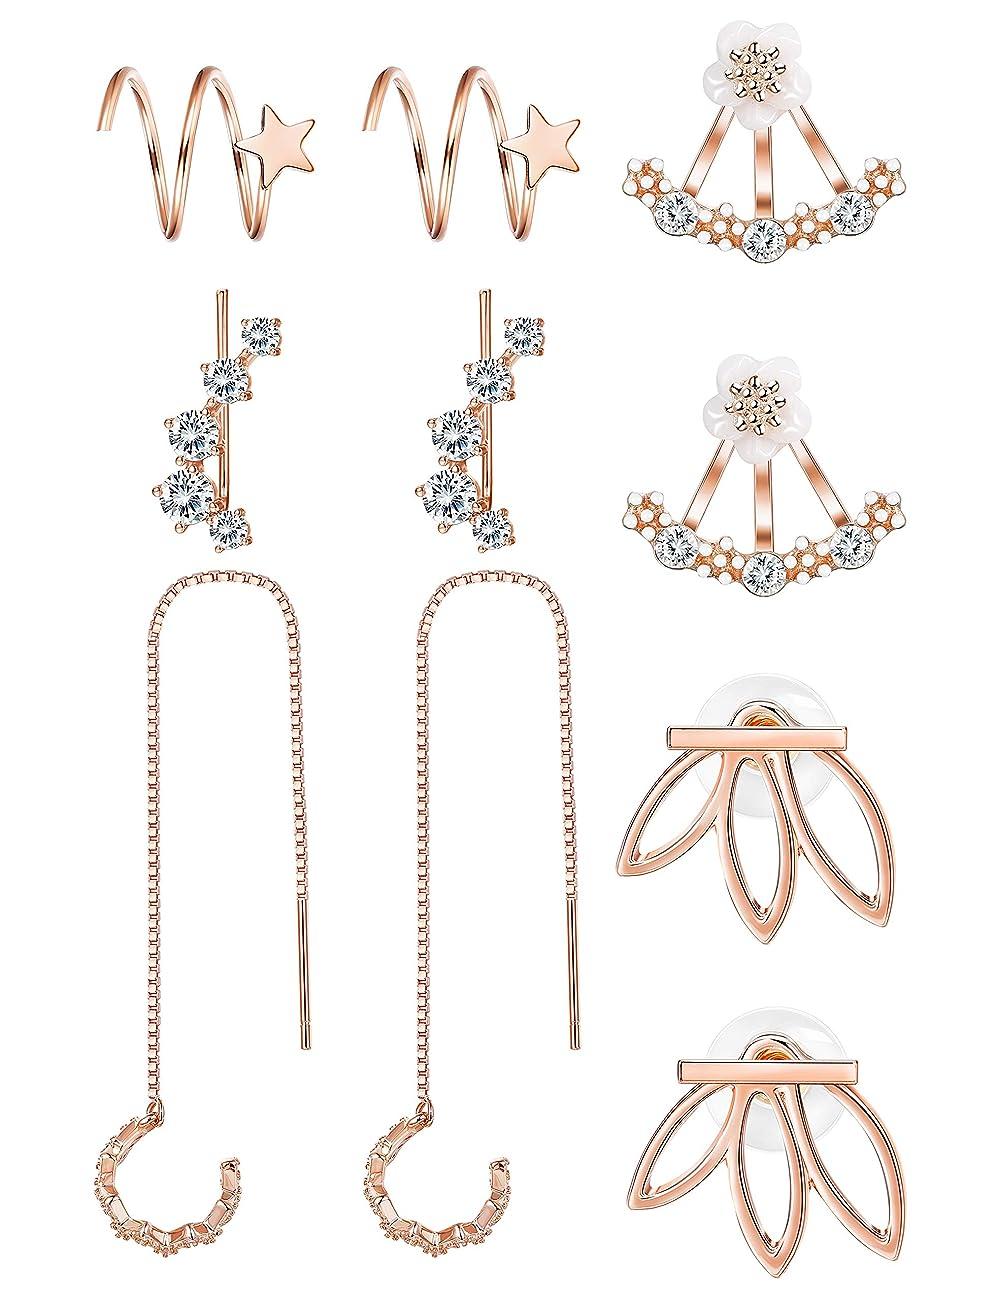 FIBO STEEL 5-12 Pairs Threader Ear Cuff Earrings for Women Girls Star Wrap Earrings Ear Lotus Stud Earrings Jackets Set